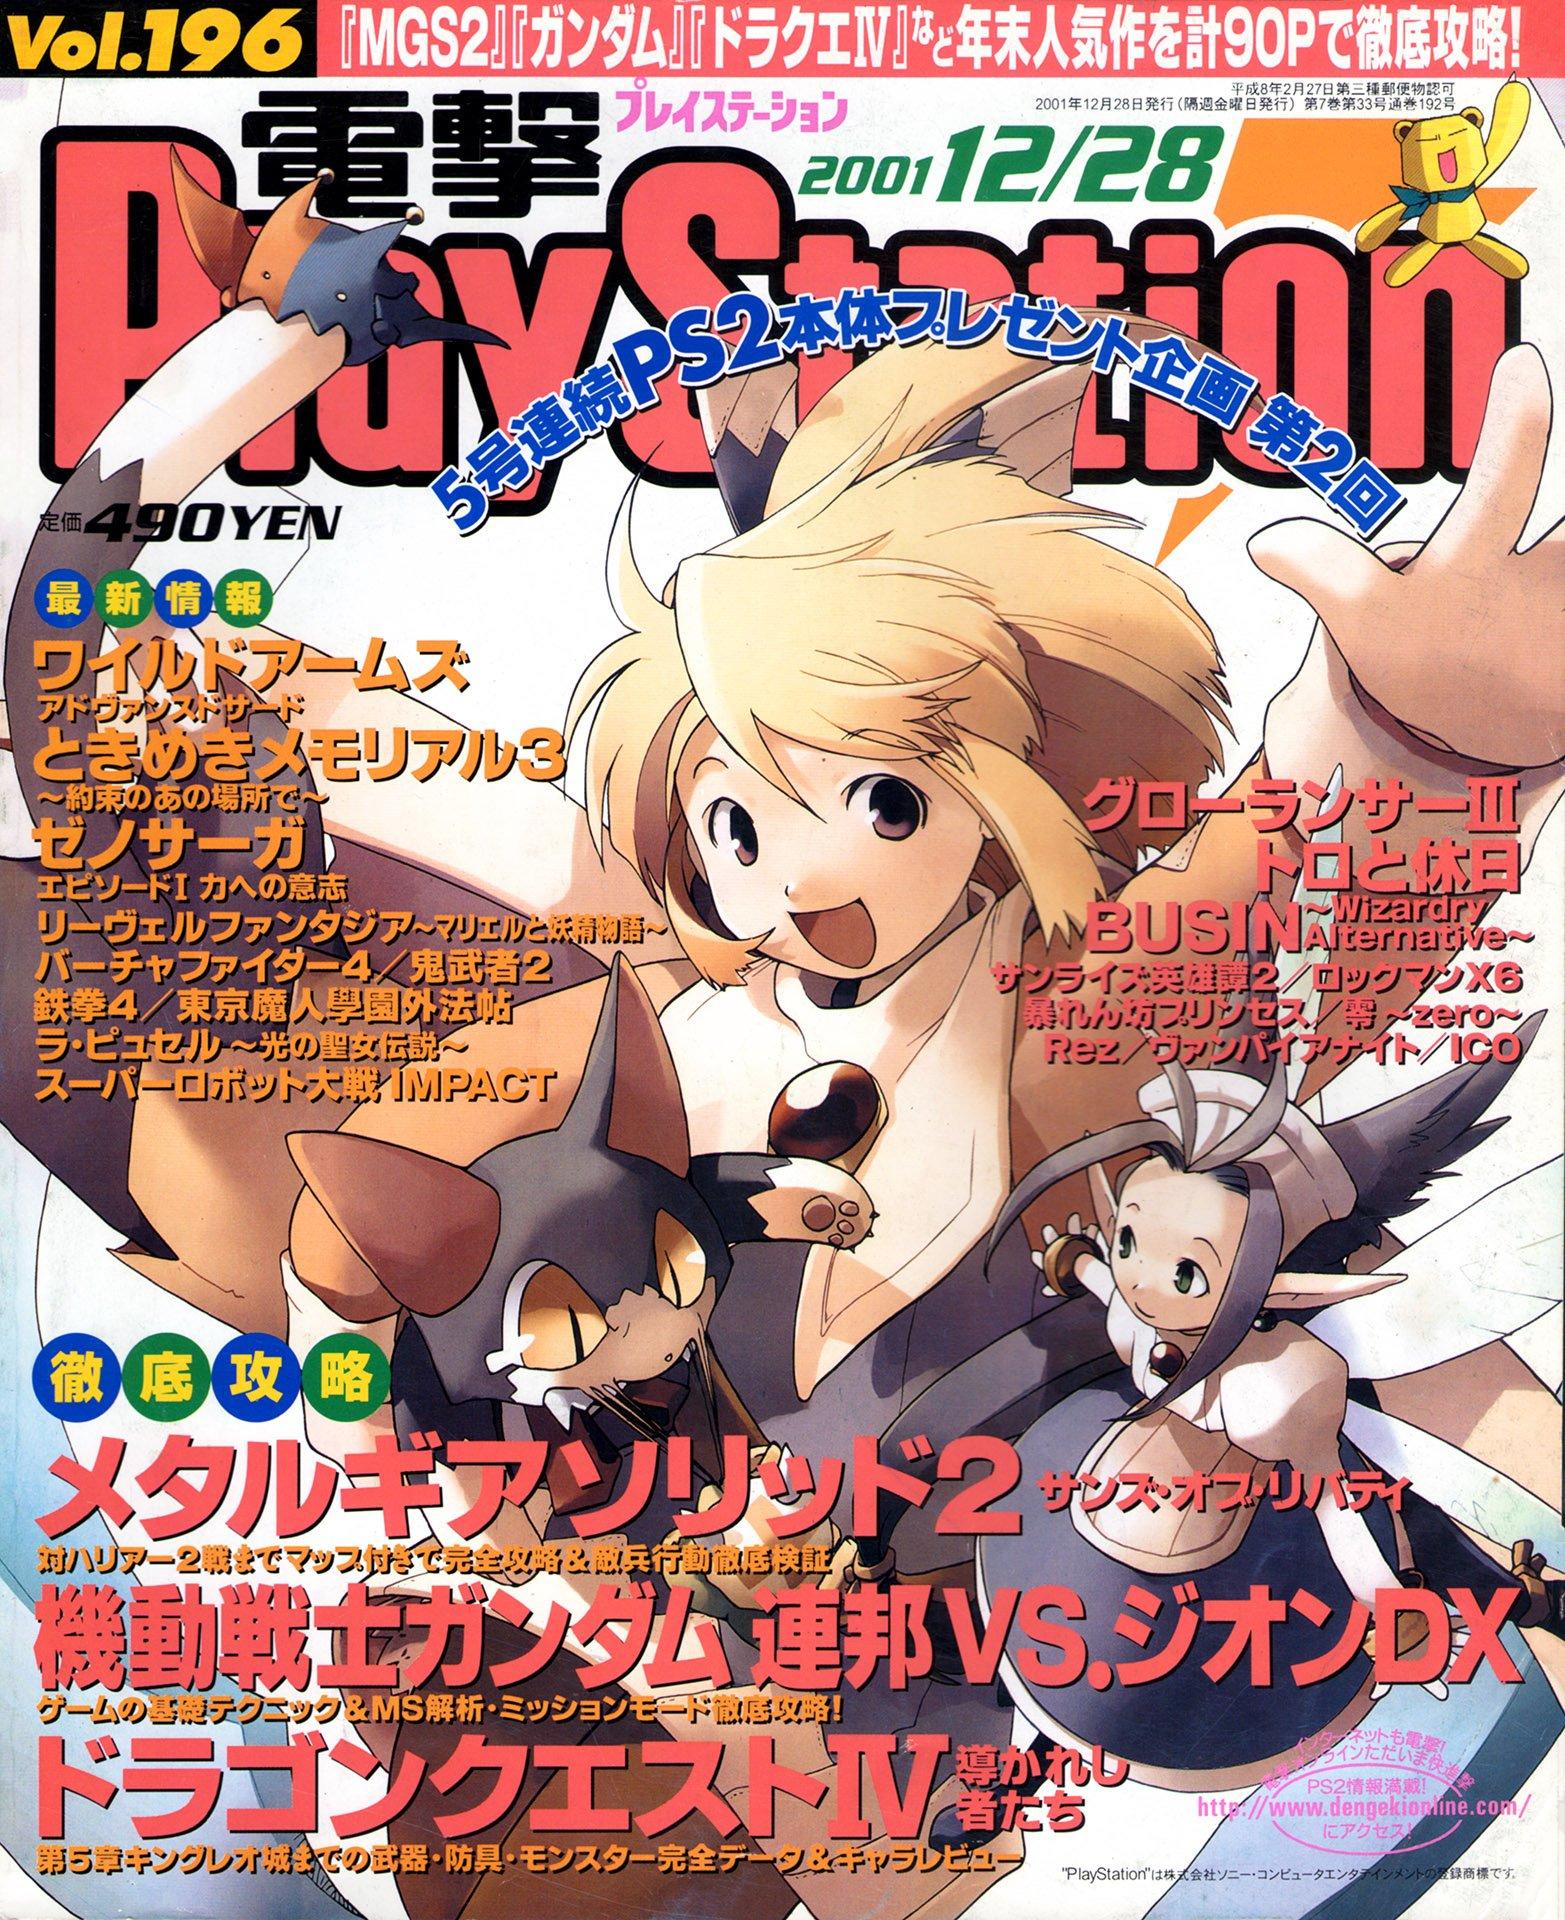 Dengeki PlayStation 196 (December 28, 2001)